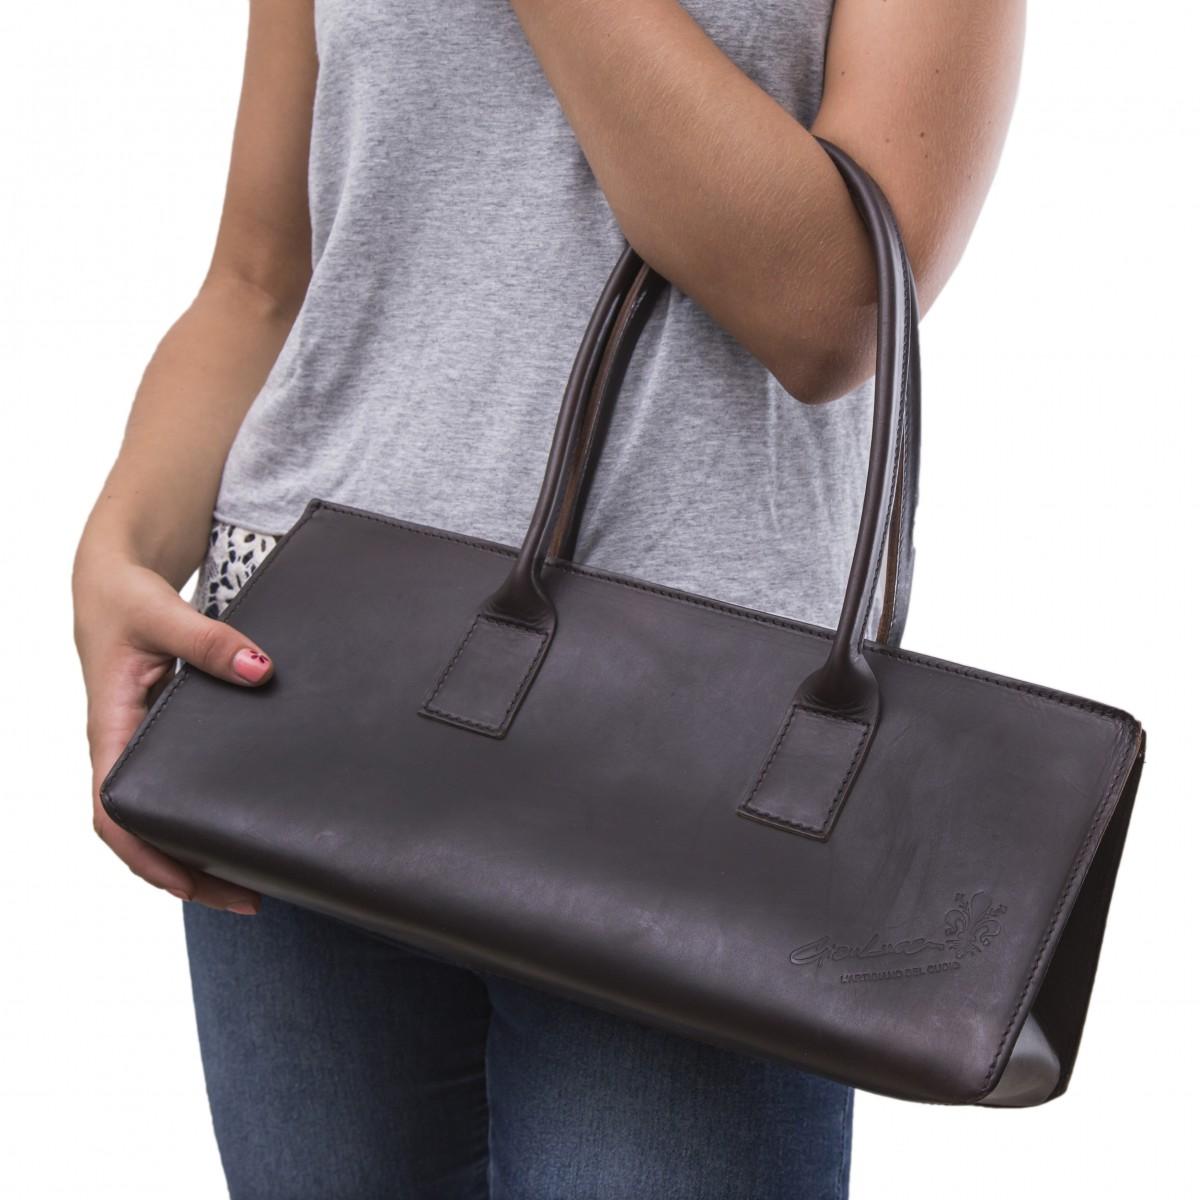 593733d578097 Hand gefertigte große Handtasche für Damen aus braunem Leder ...